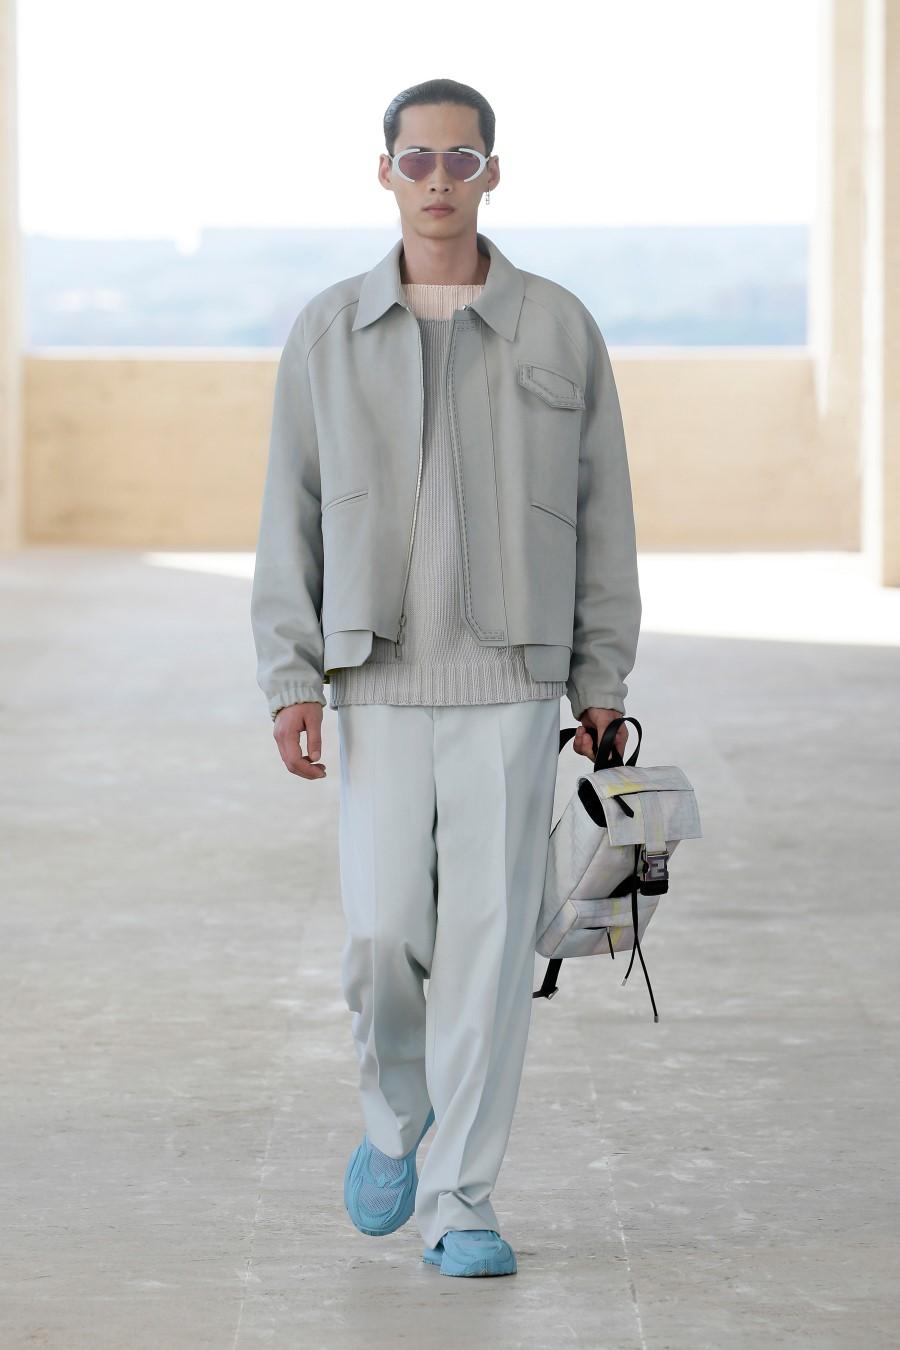 Fendi Spring Summer 2022 - Milan Fashion Week Men'sFendi Spring Summer 2022 - Milan Fashion Week Men's